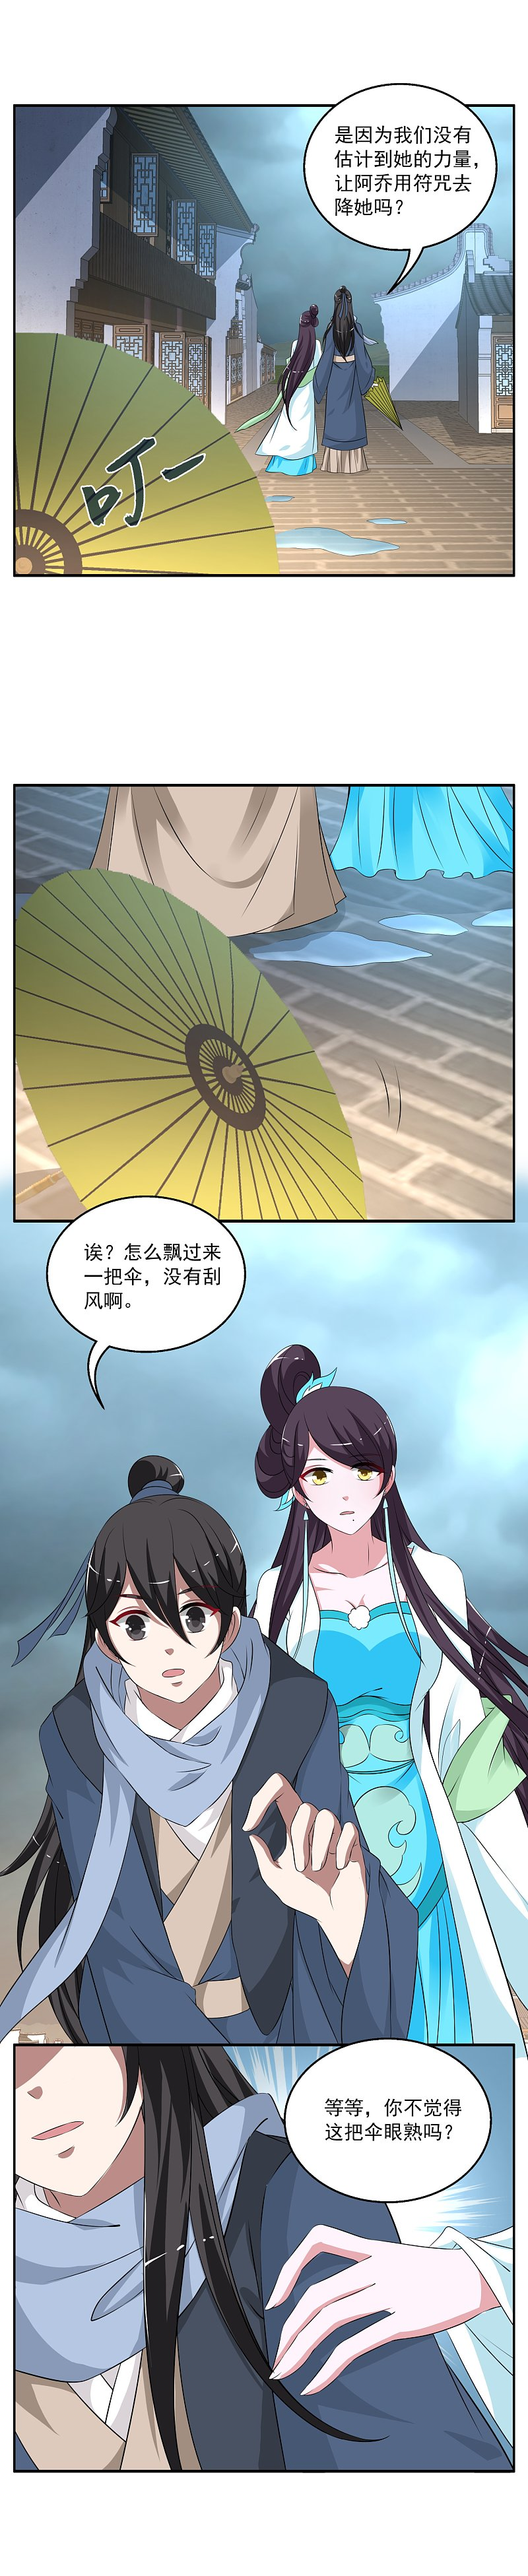 洛小妖191 (3).JPG